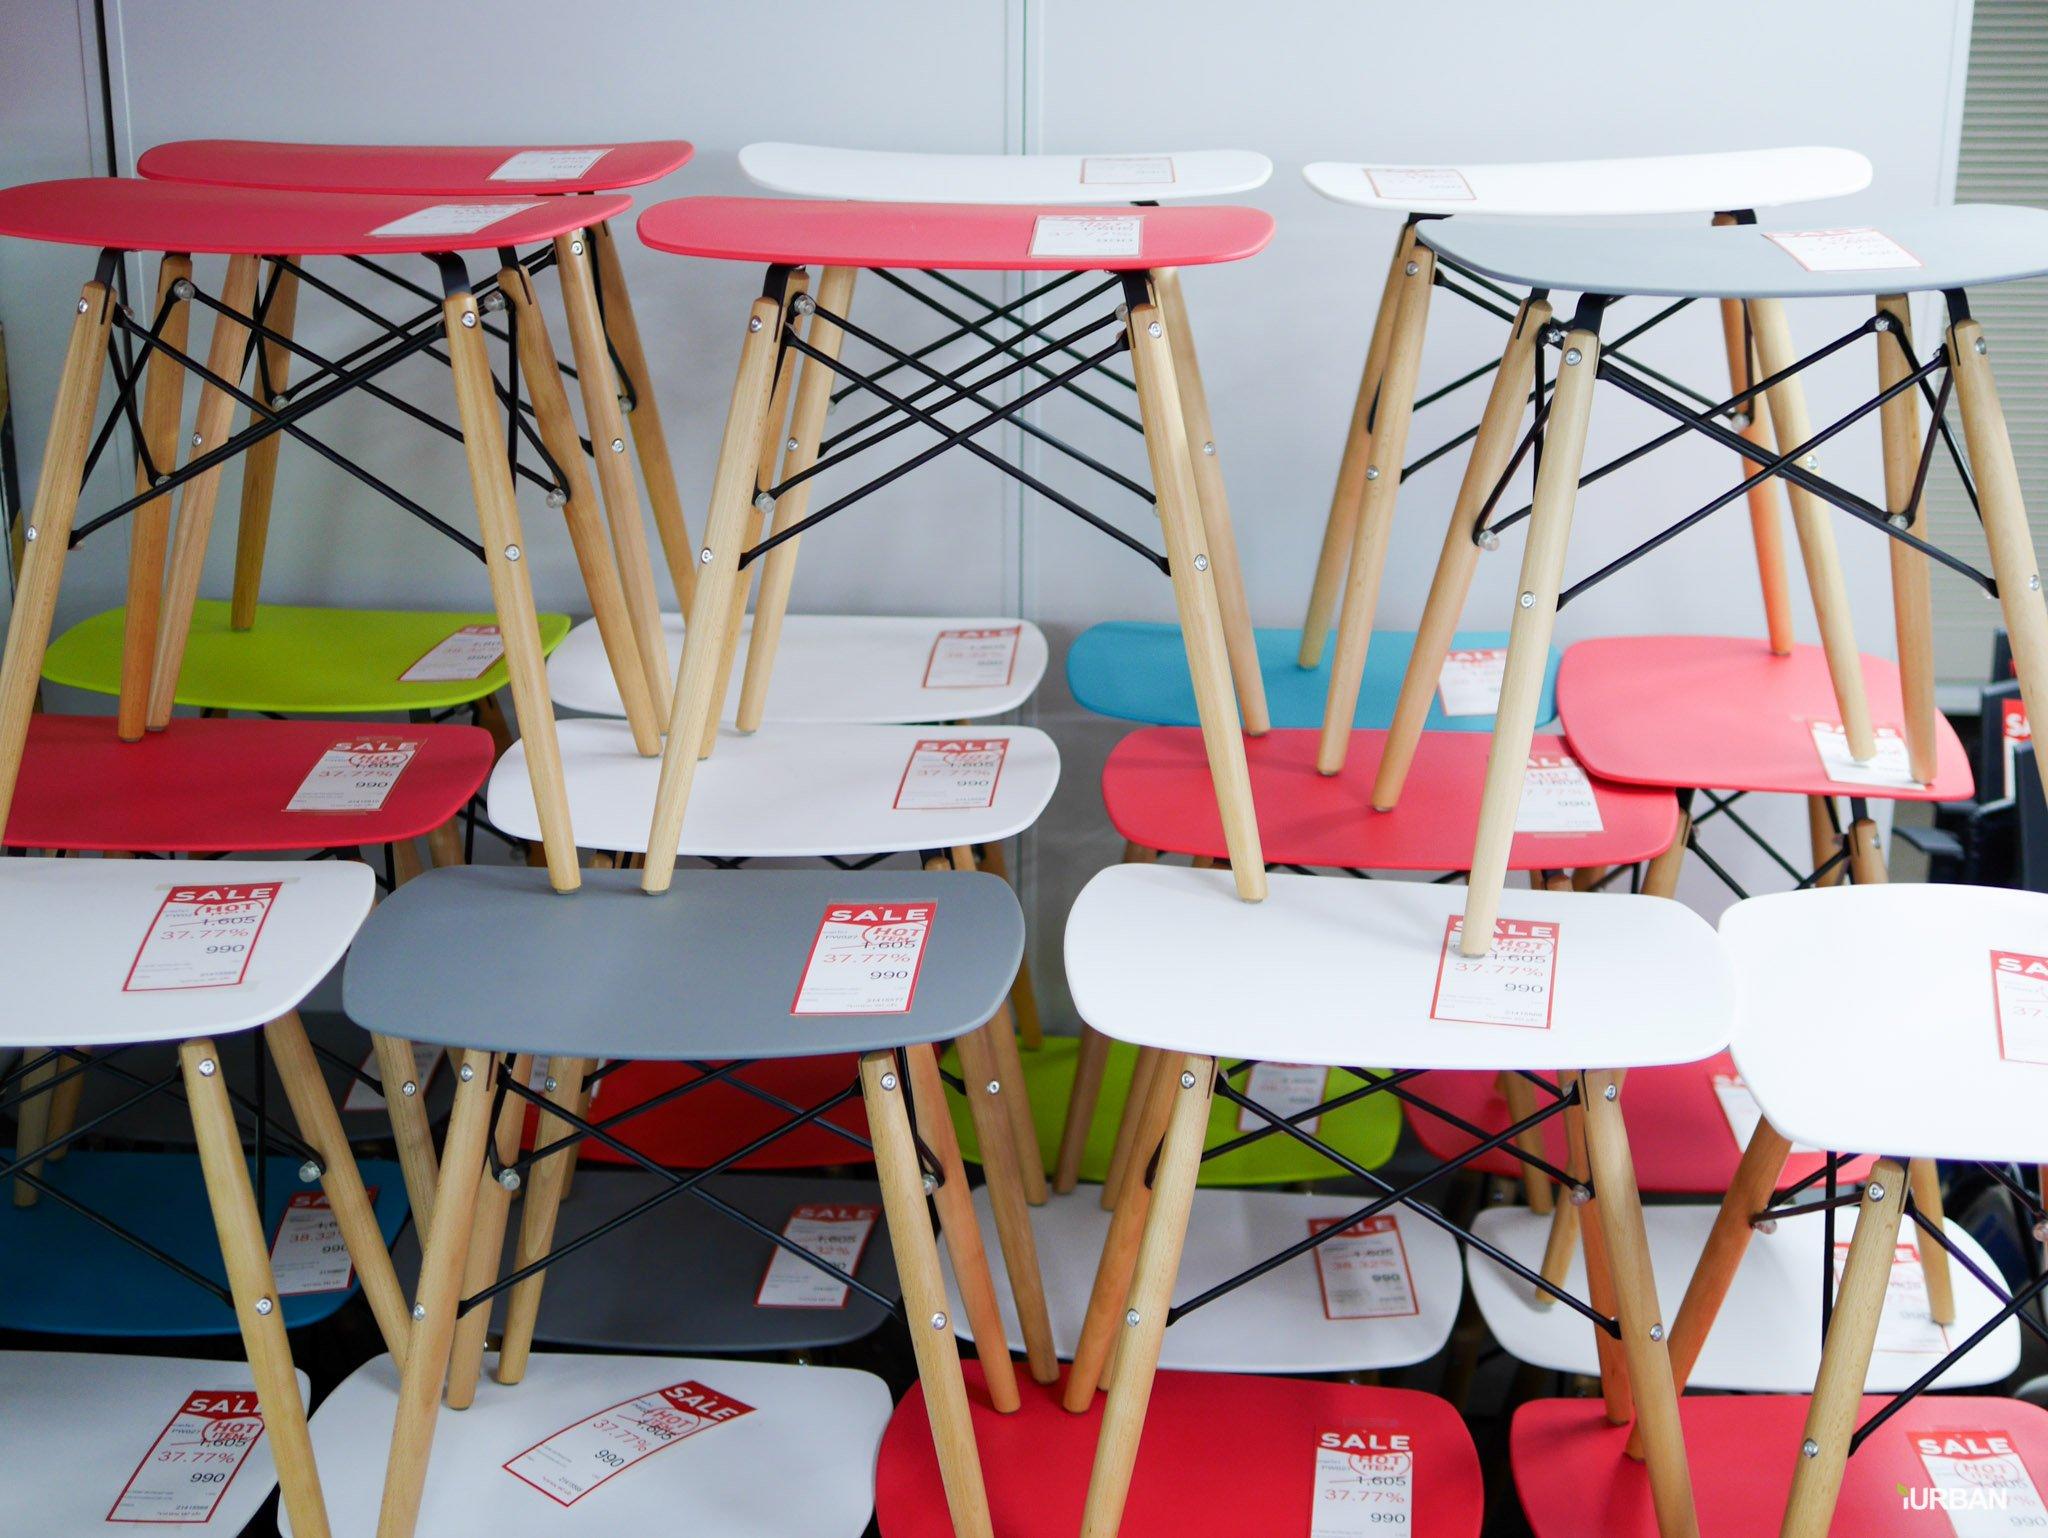 MODERNFORM THE ANNUAL SALE 2018 ลดทุกชิ้นสูงสุด 70% (10 วันเท่านั้น!) เก้าอี้ทำงานสวยเพื่อสุขภาพเพียบ!! 35 - Modernform (โมเดอร์นฟอร์ม)